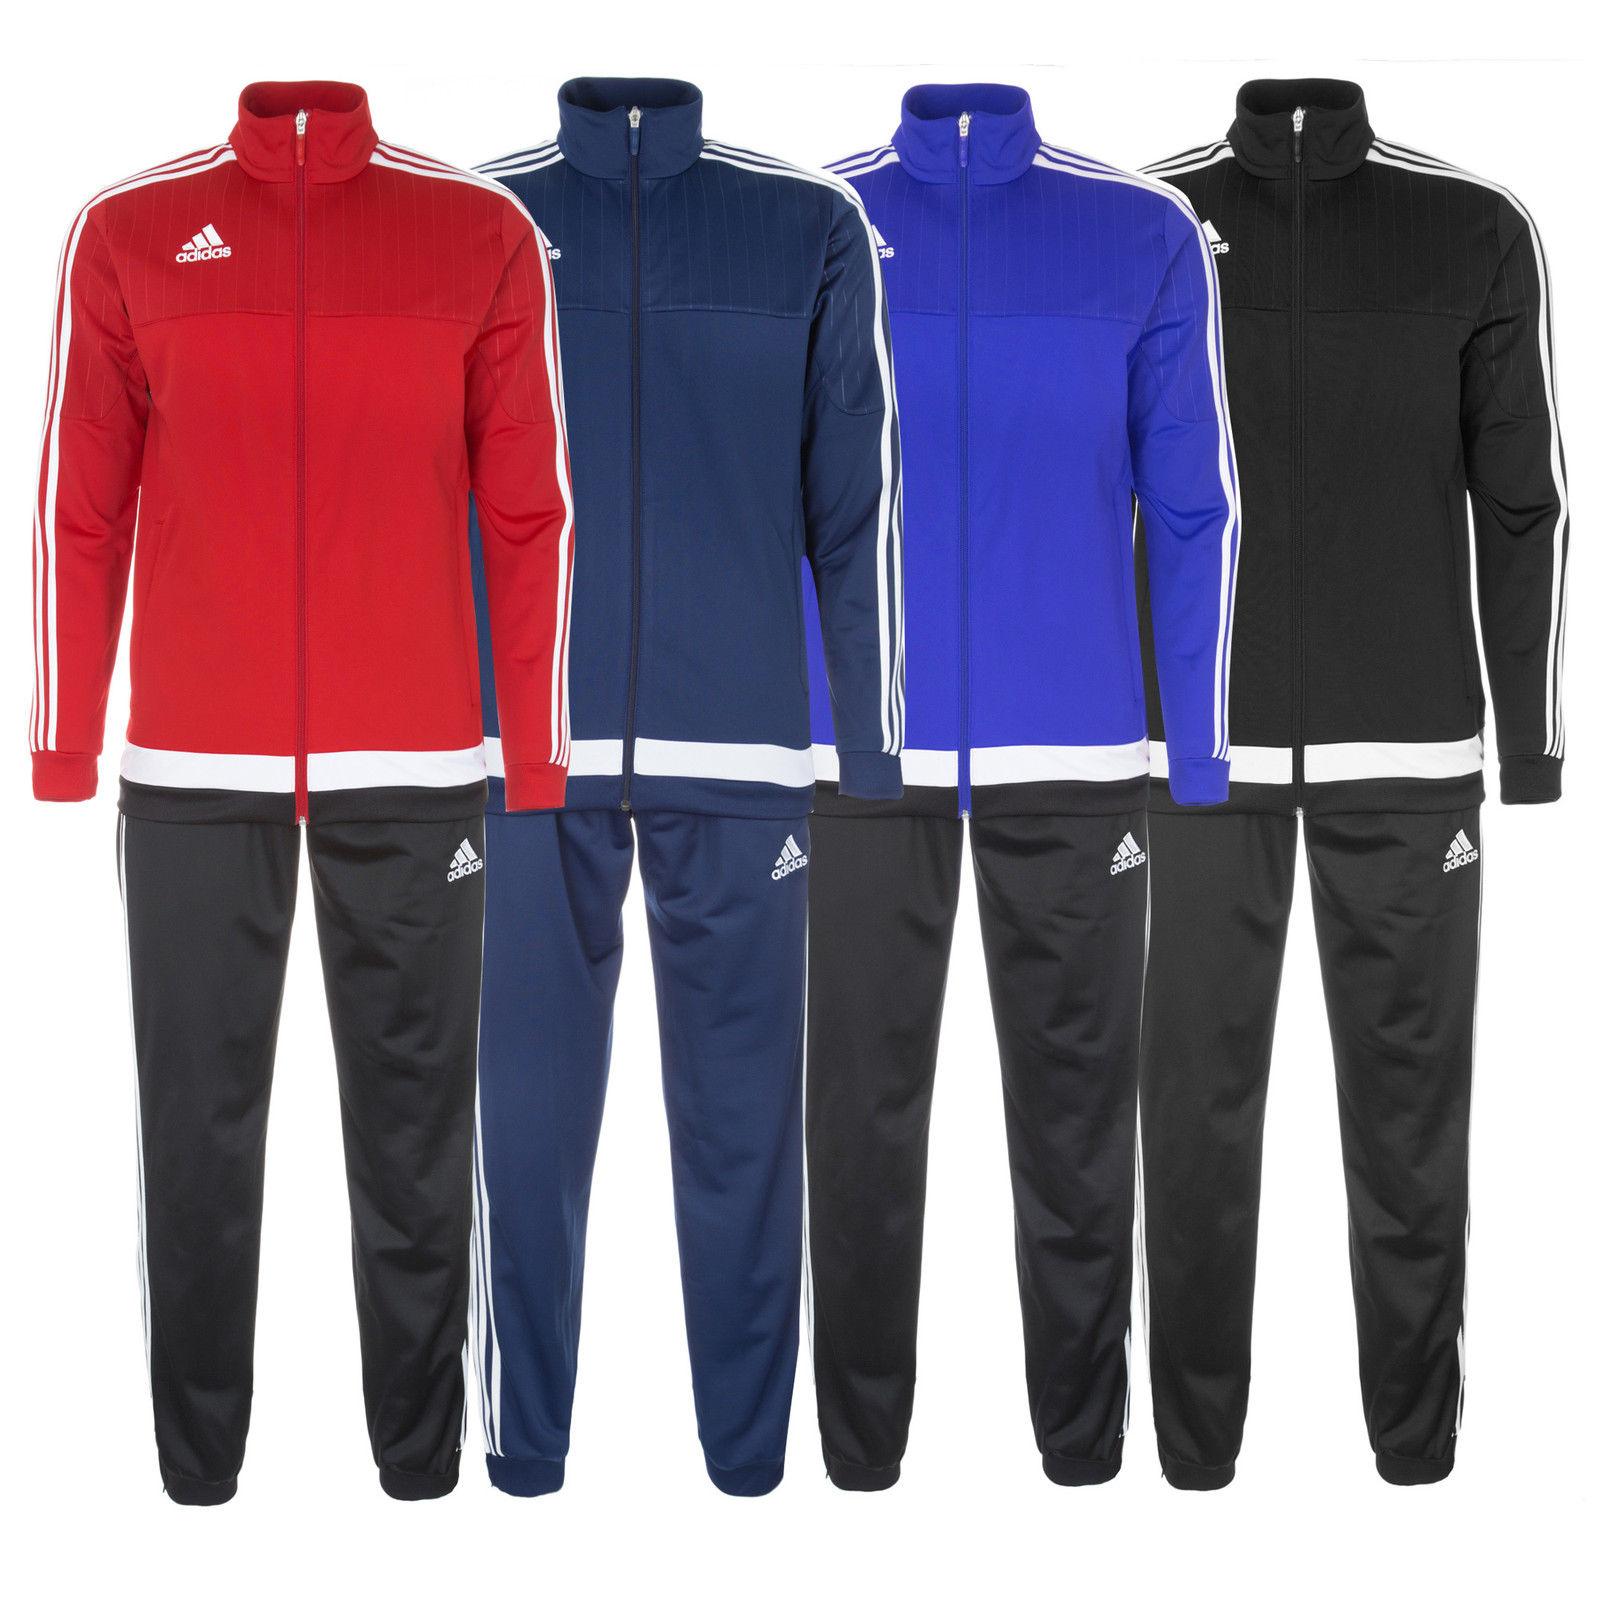 (Ebay-WOW) adidas Performance Tiro 15 Trainingsanzug für Erwachsene und Kinder NEU für 29.95 statt 36,88€